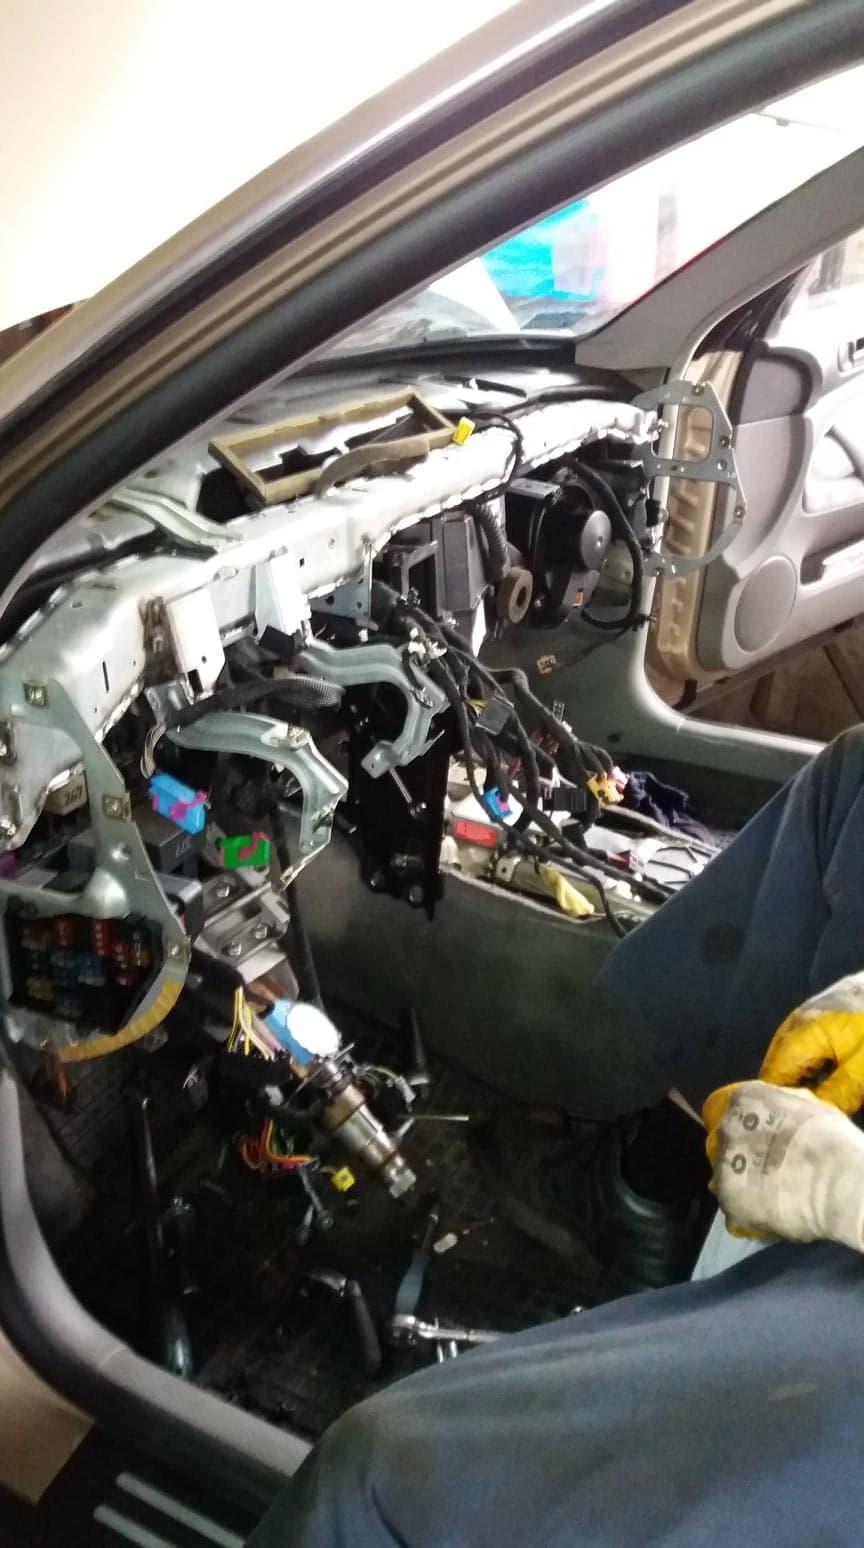 Naprawa elektroniki w samochodzie